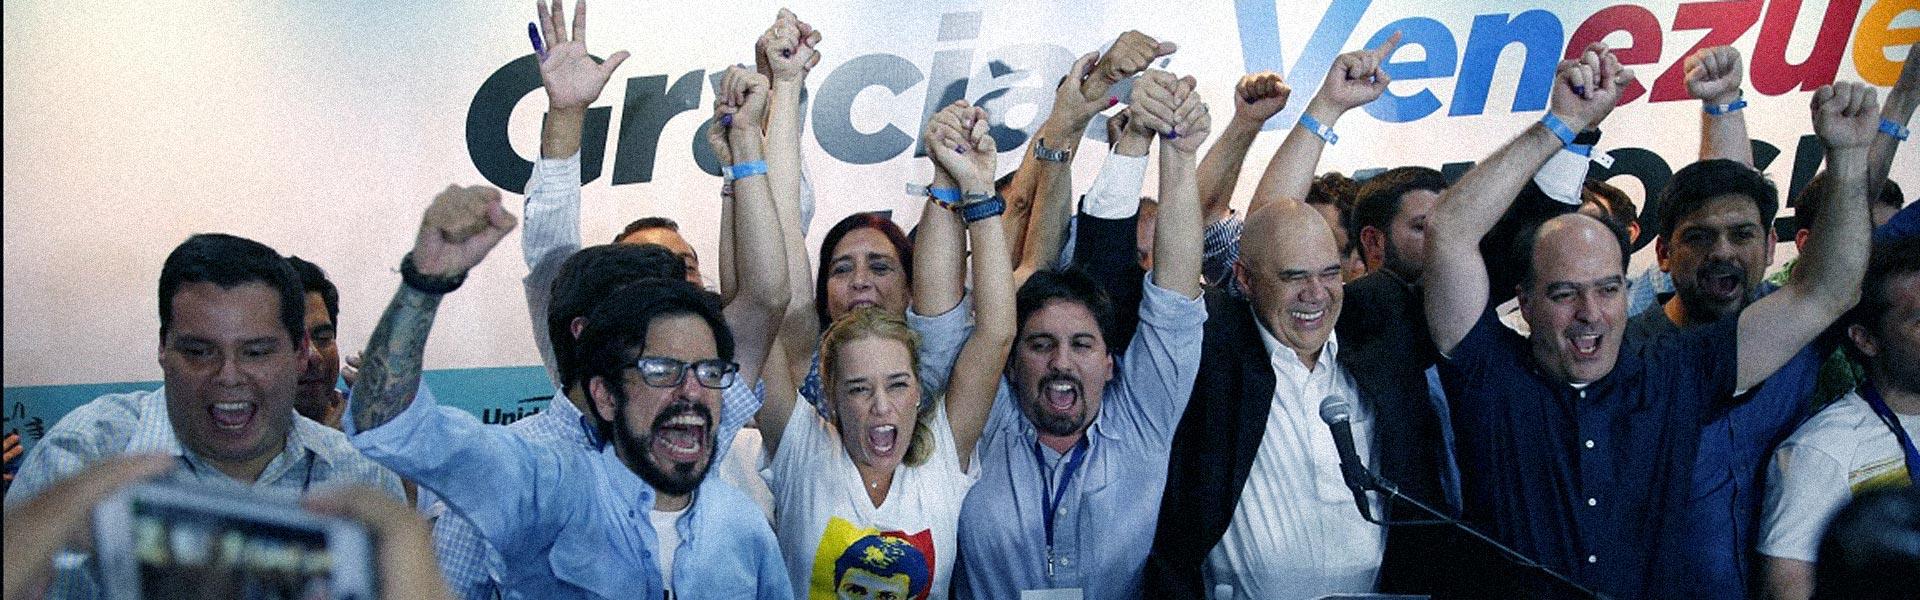 Сегодня мы все Венесуэла